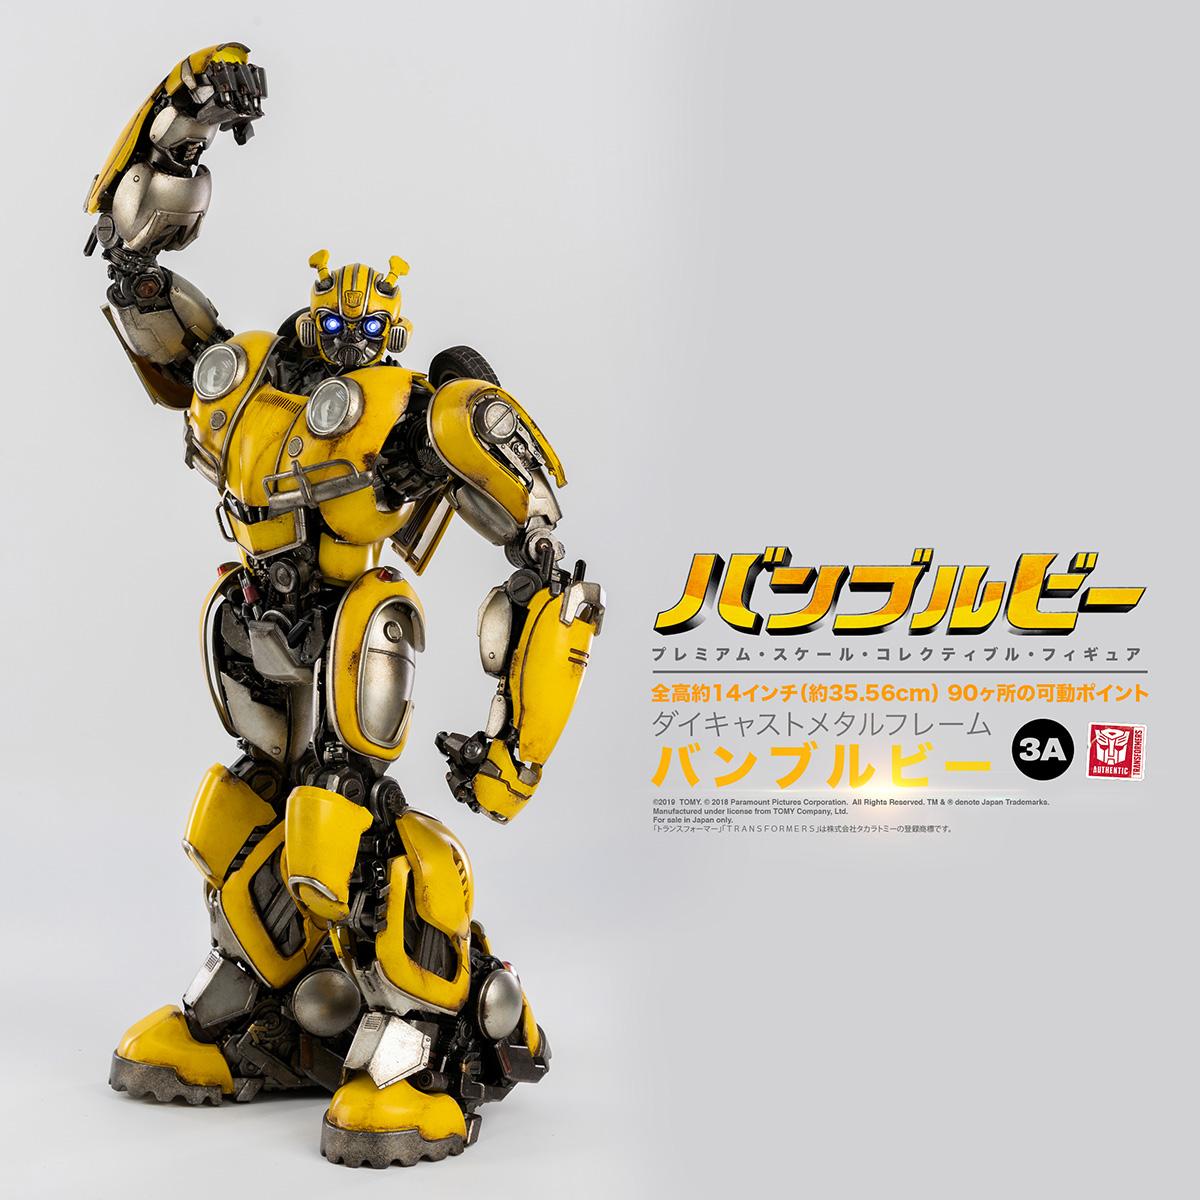 w_Bumblebee_JAP_PM_00008.jpg